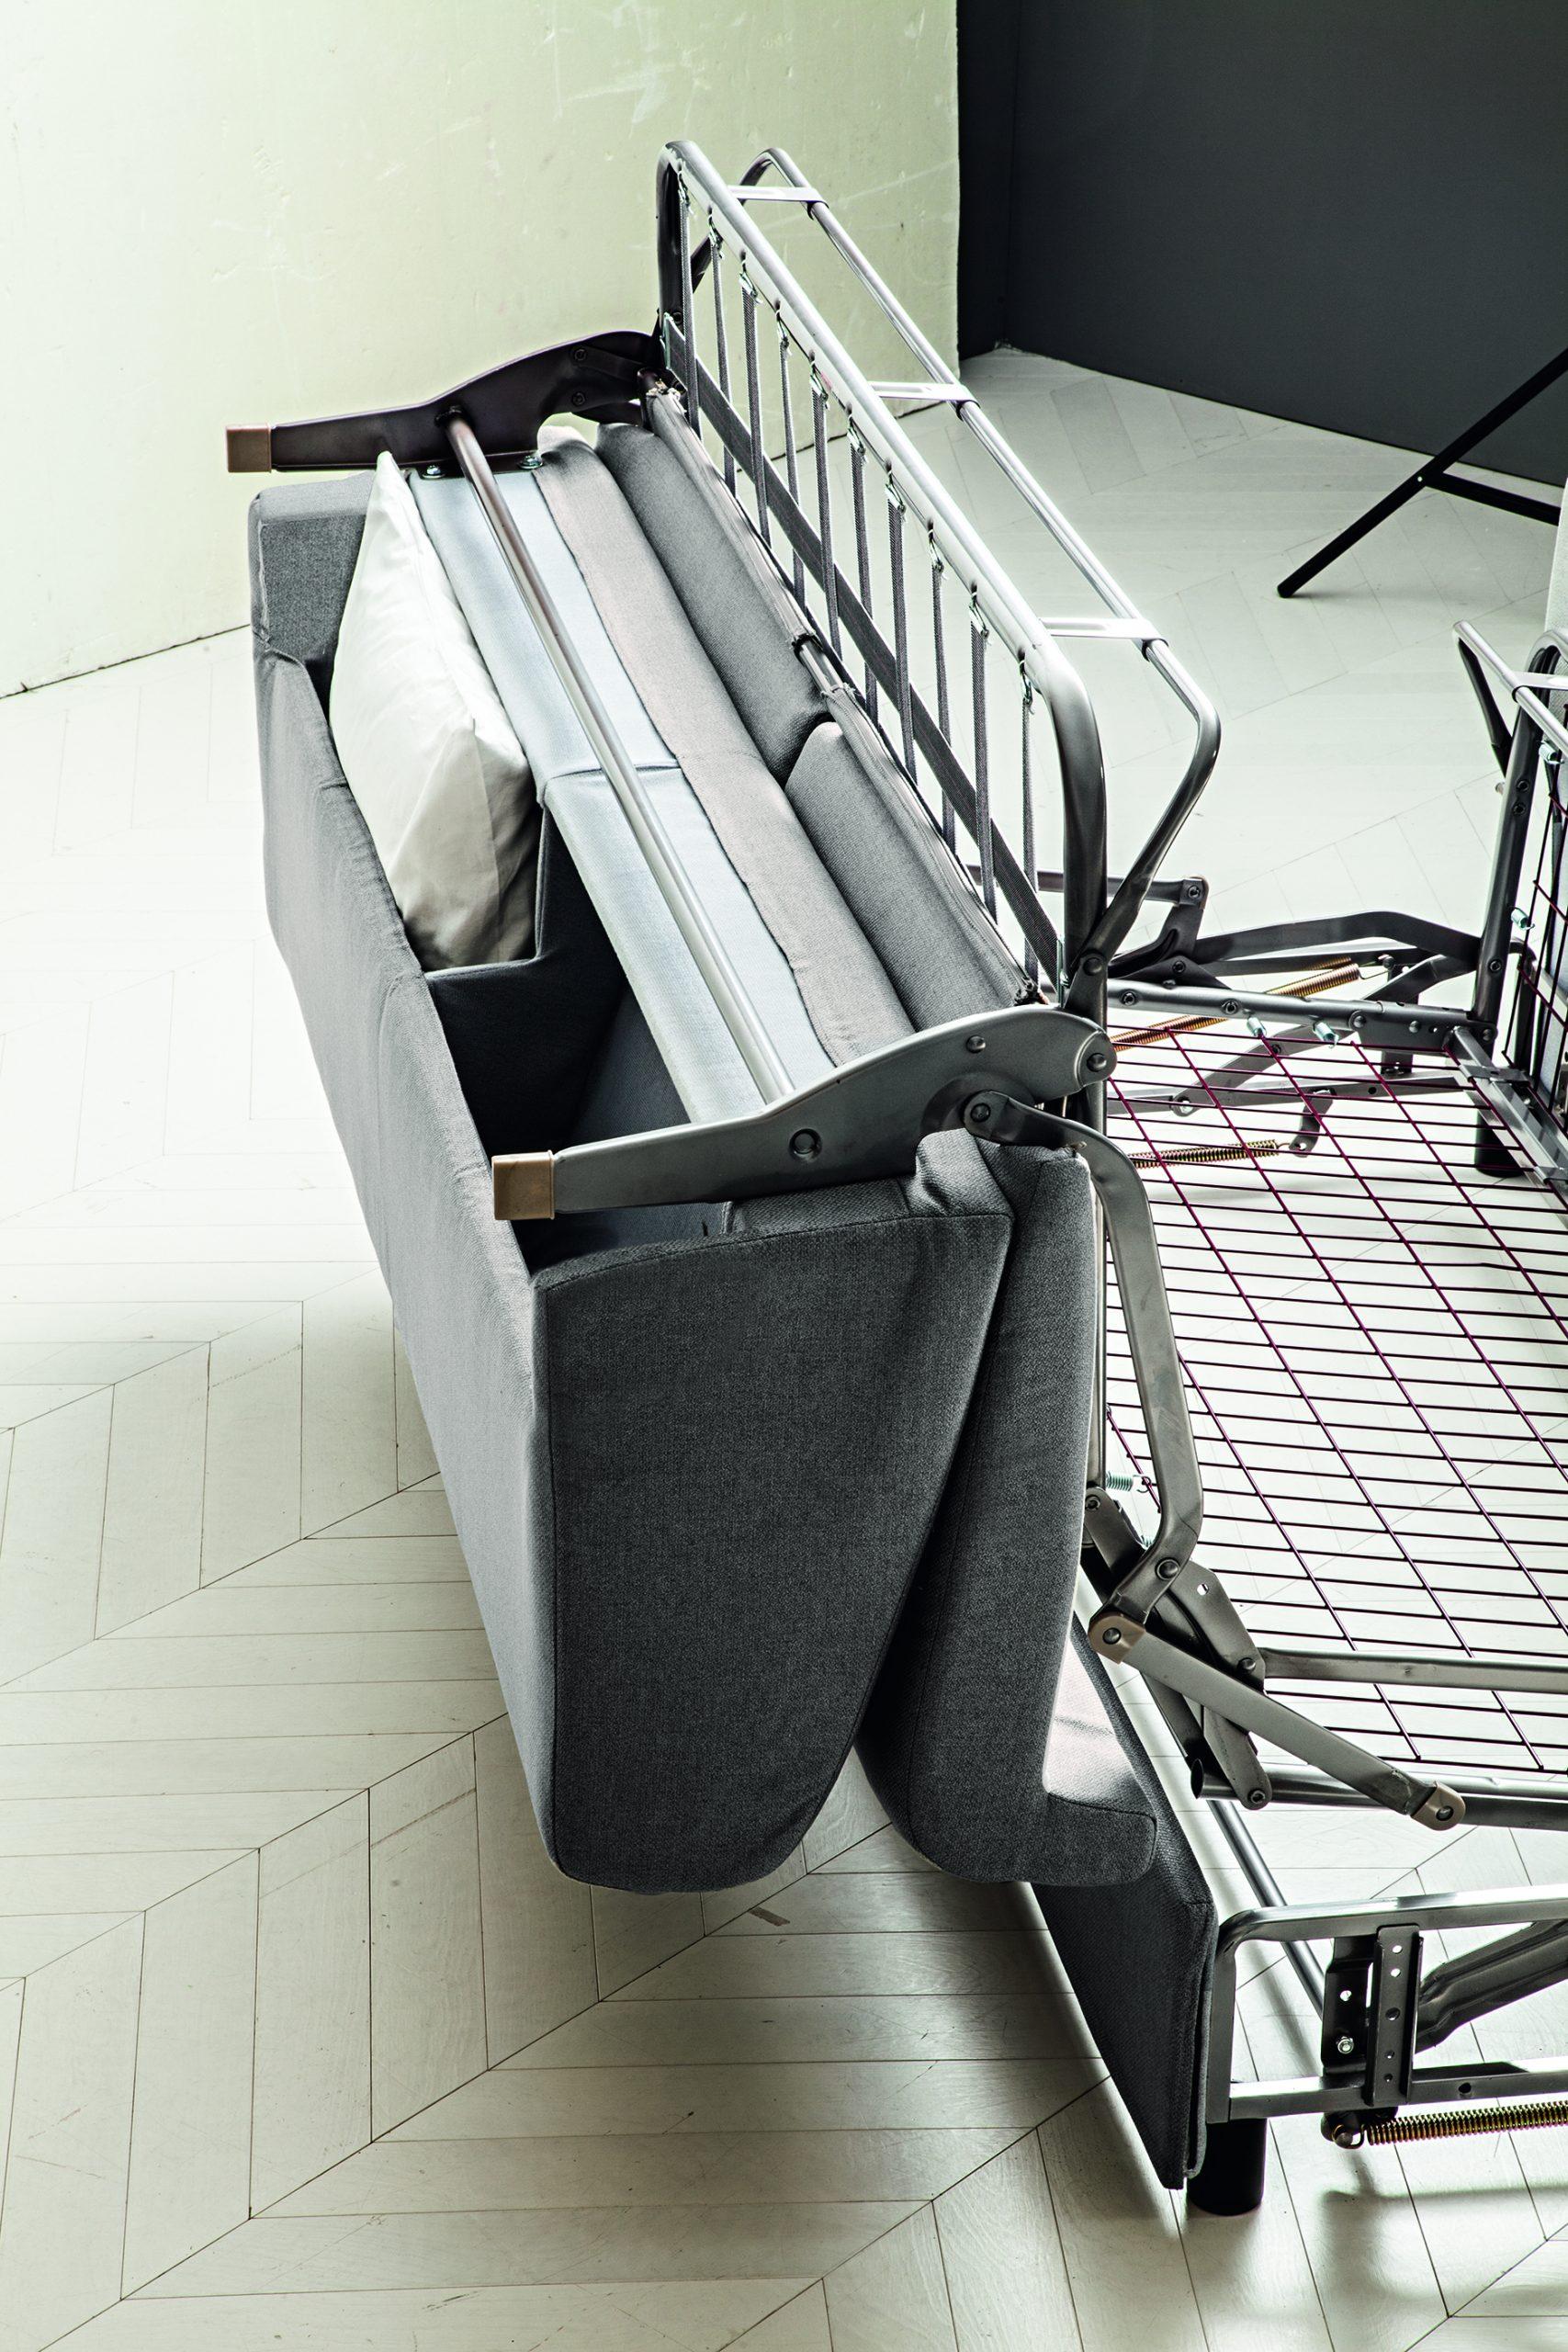 Sedežna garnitura raztegljiva v ležišče Slim